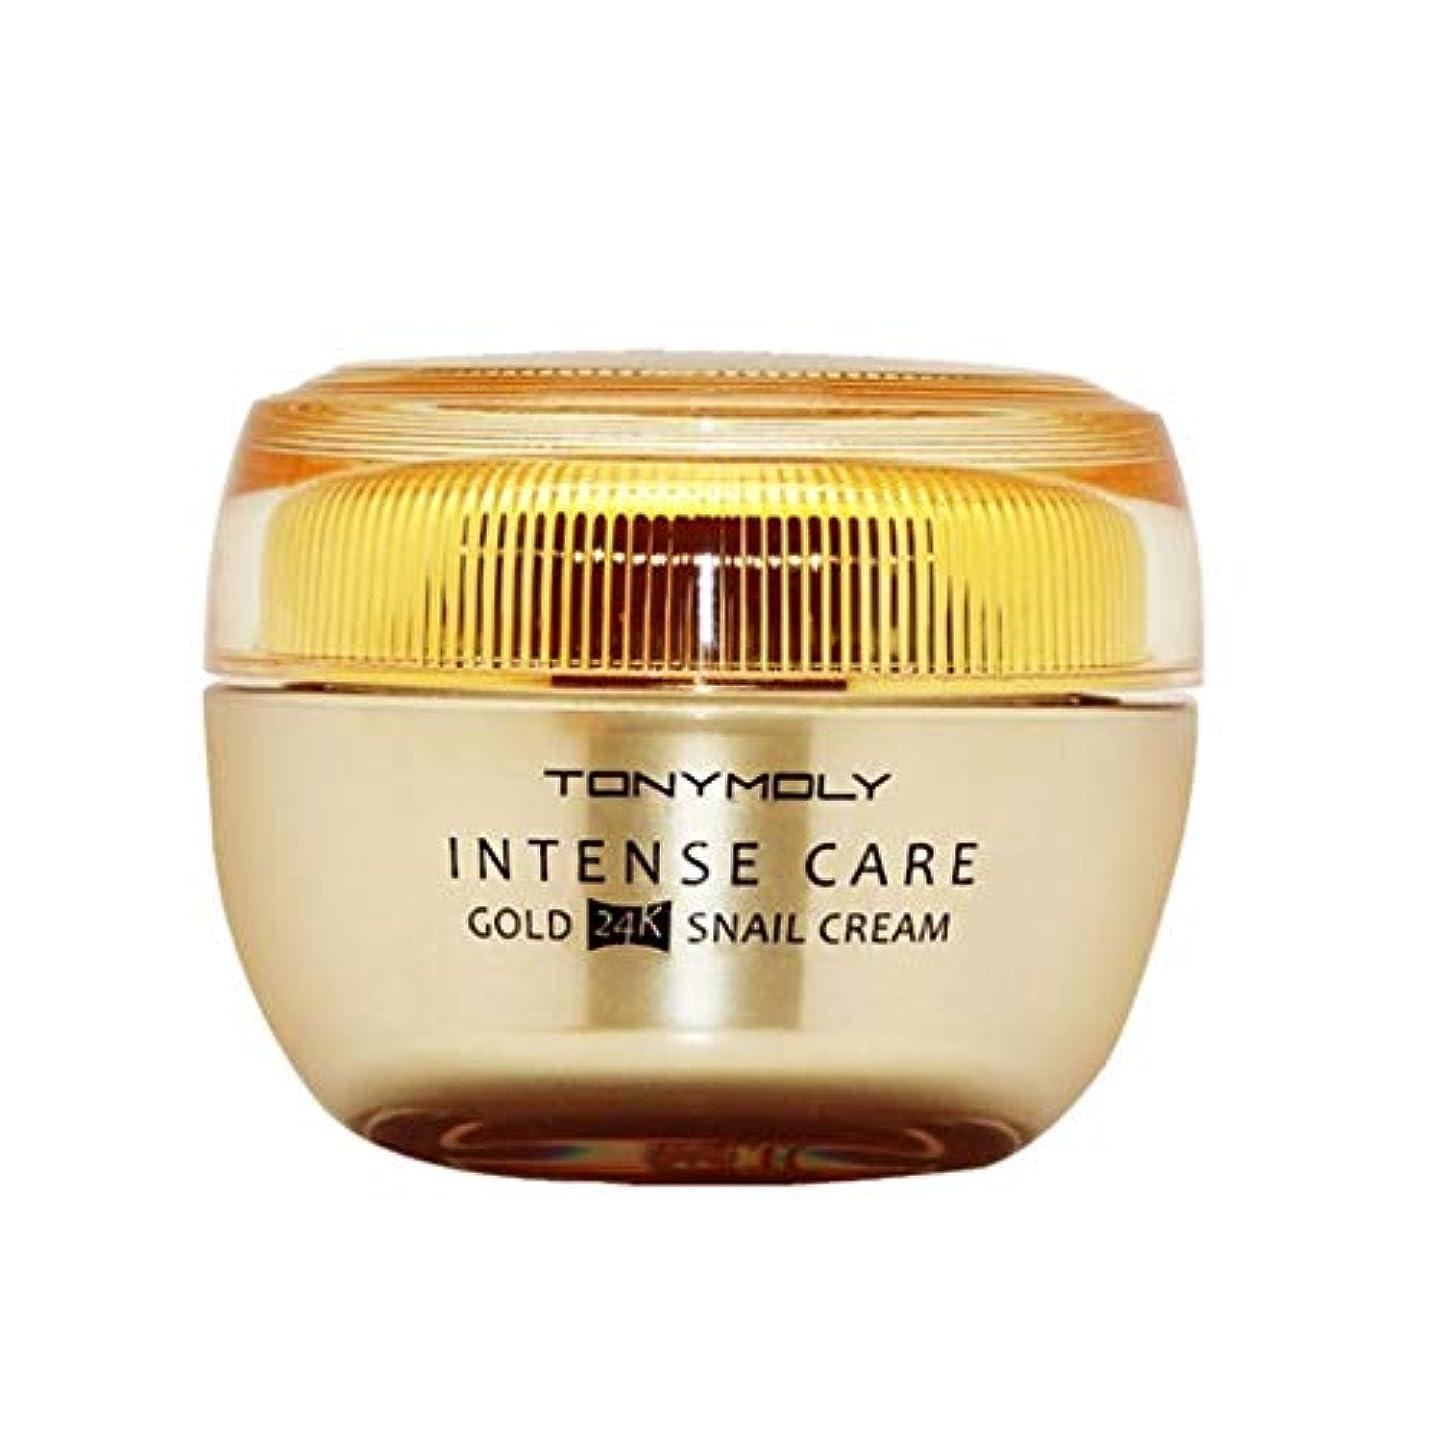 インタビューブラストかどうかトニーモリーインテンスケアゴールド24Kスネールクリーム45ml x 2本セット美白、シワ改善クリーム、Tonymoly Intense Care Gold 24K Snail Cream 45ml x 2ea Set...